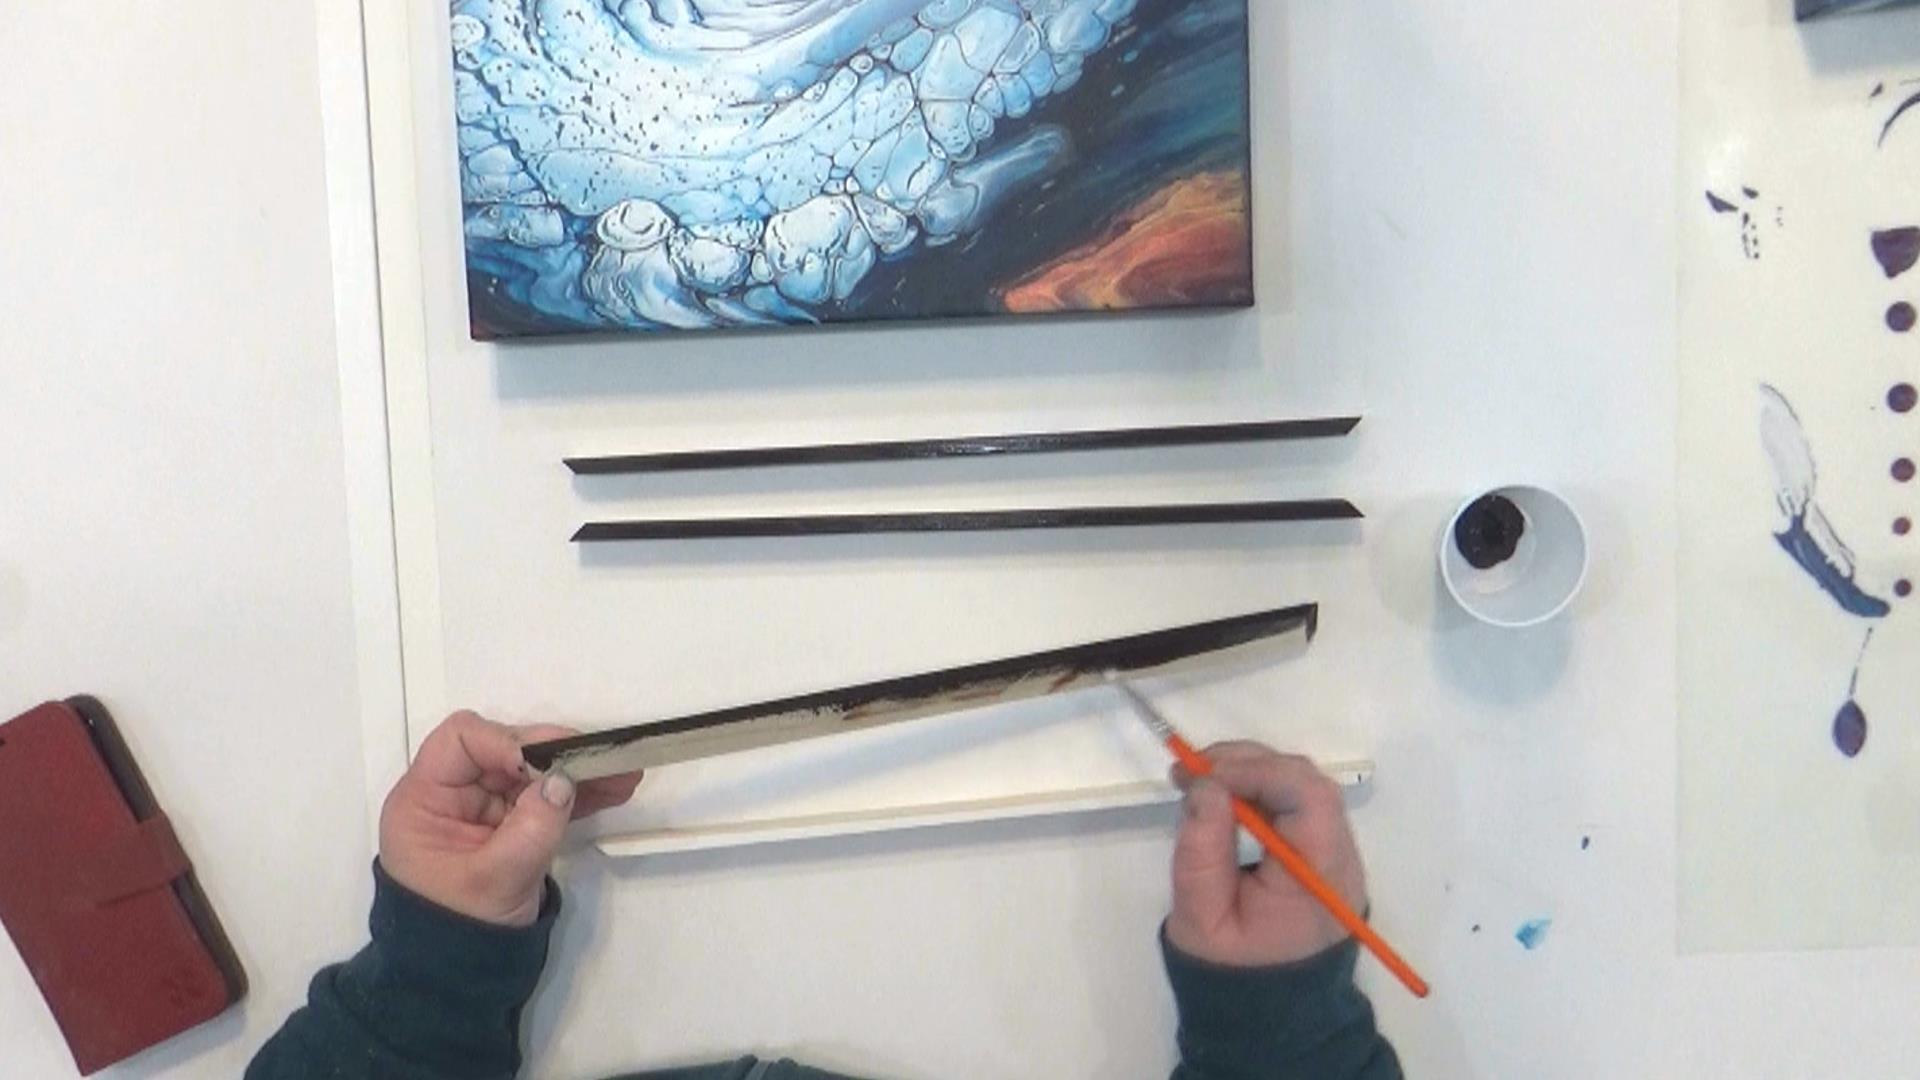 Cloud Pour - Avalanche - Entretoise à onglet sur les coins et peinture noire